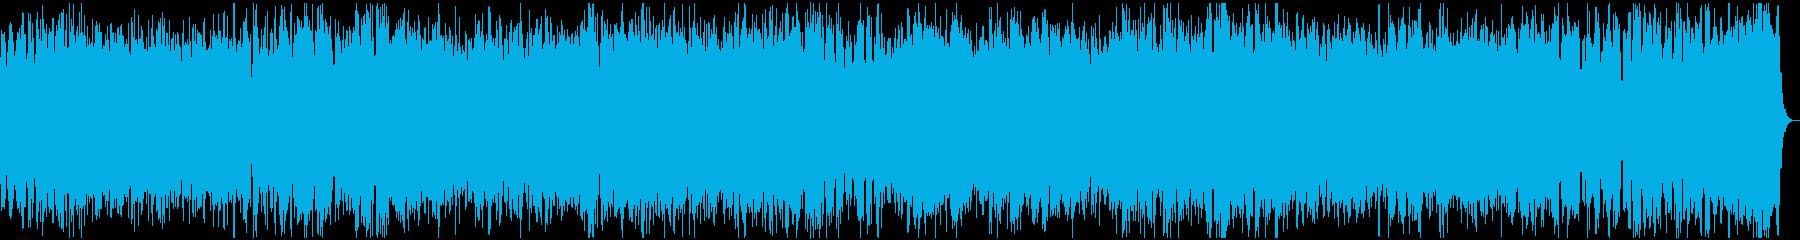 黒魔道士 スピード感のある爽快な戦闘曲の再生済みの波形